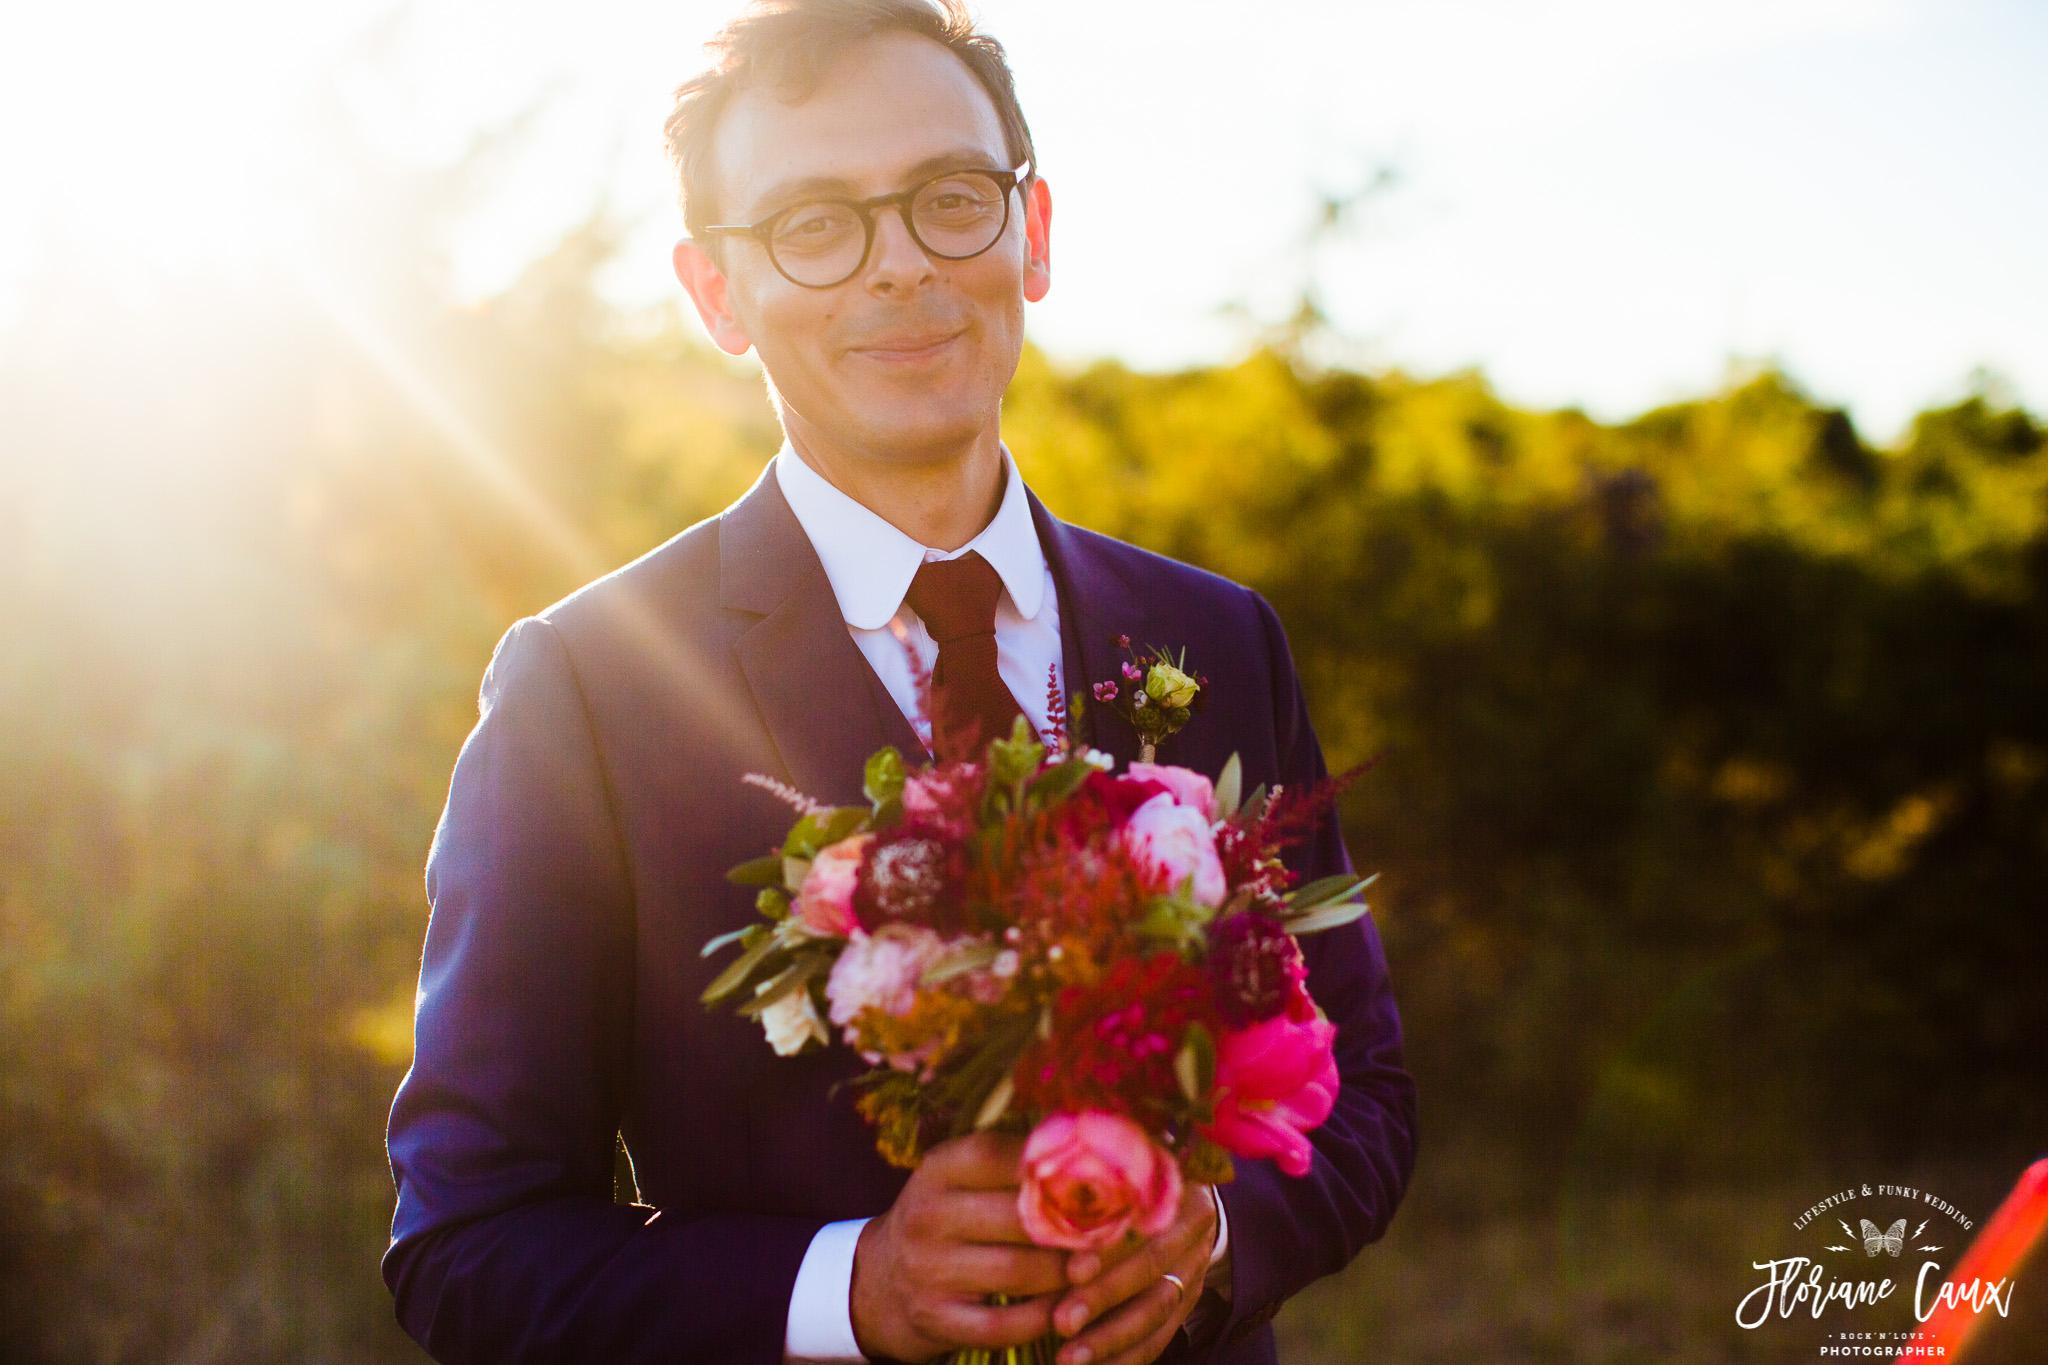 photographe-mariage-funky-licorne-fumigenes-badass-12